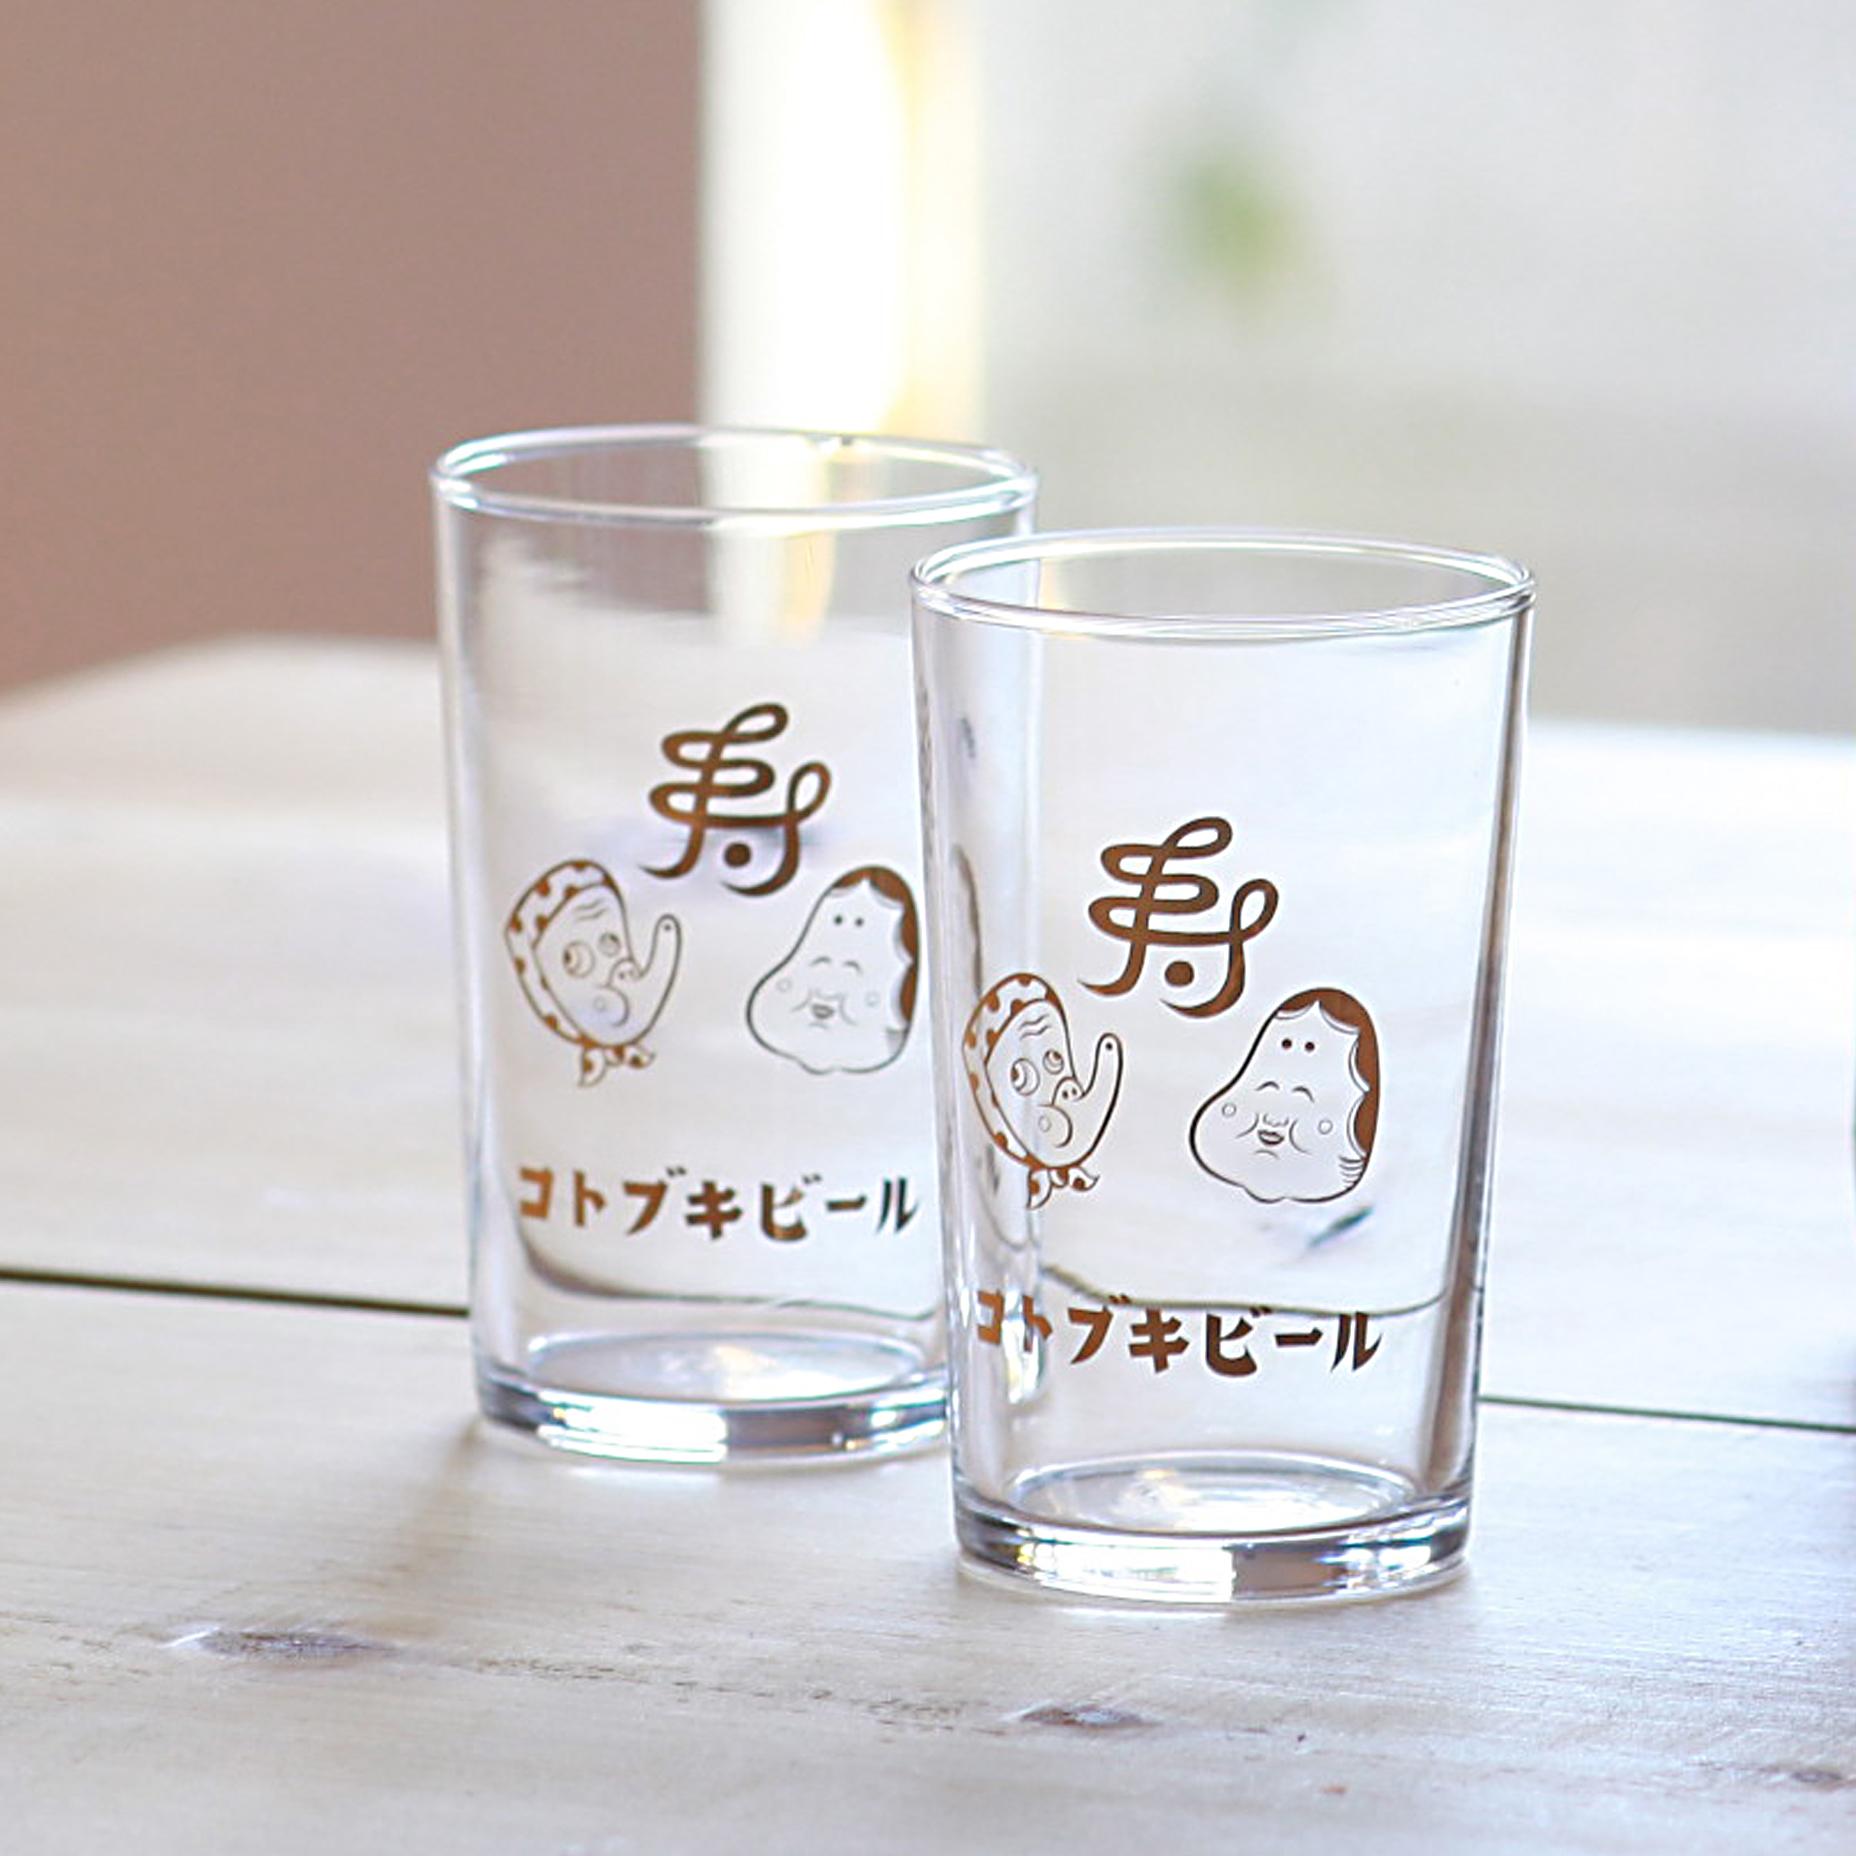 コトブキビールグラス(2個セット)